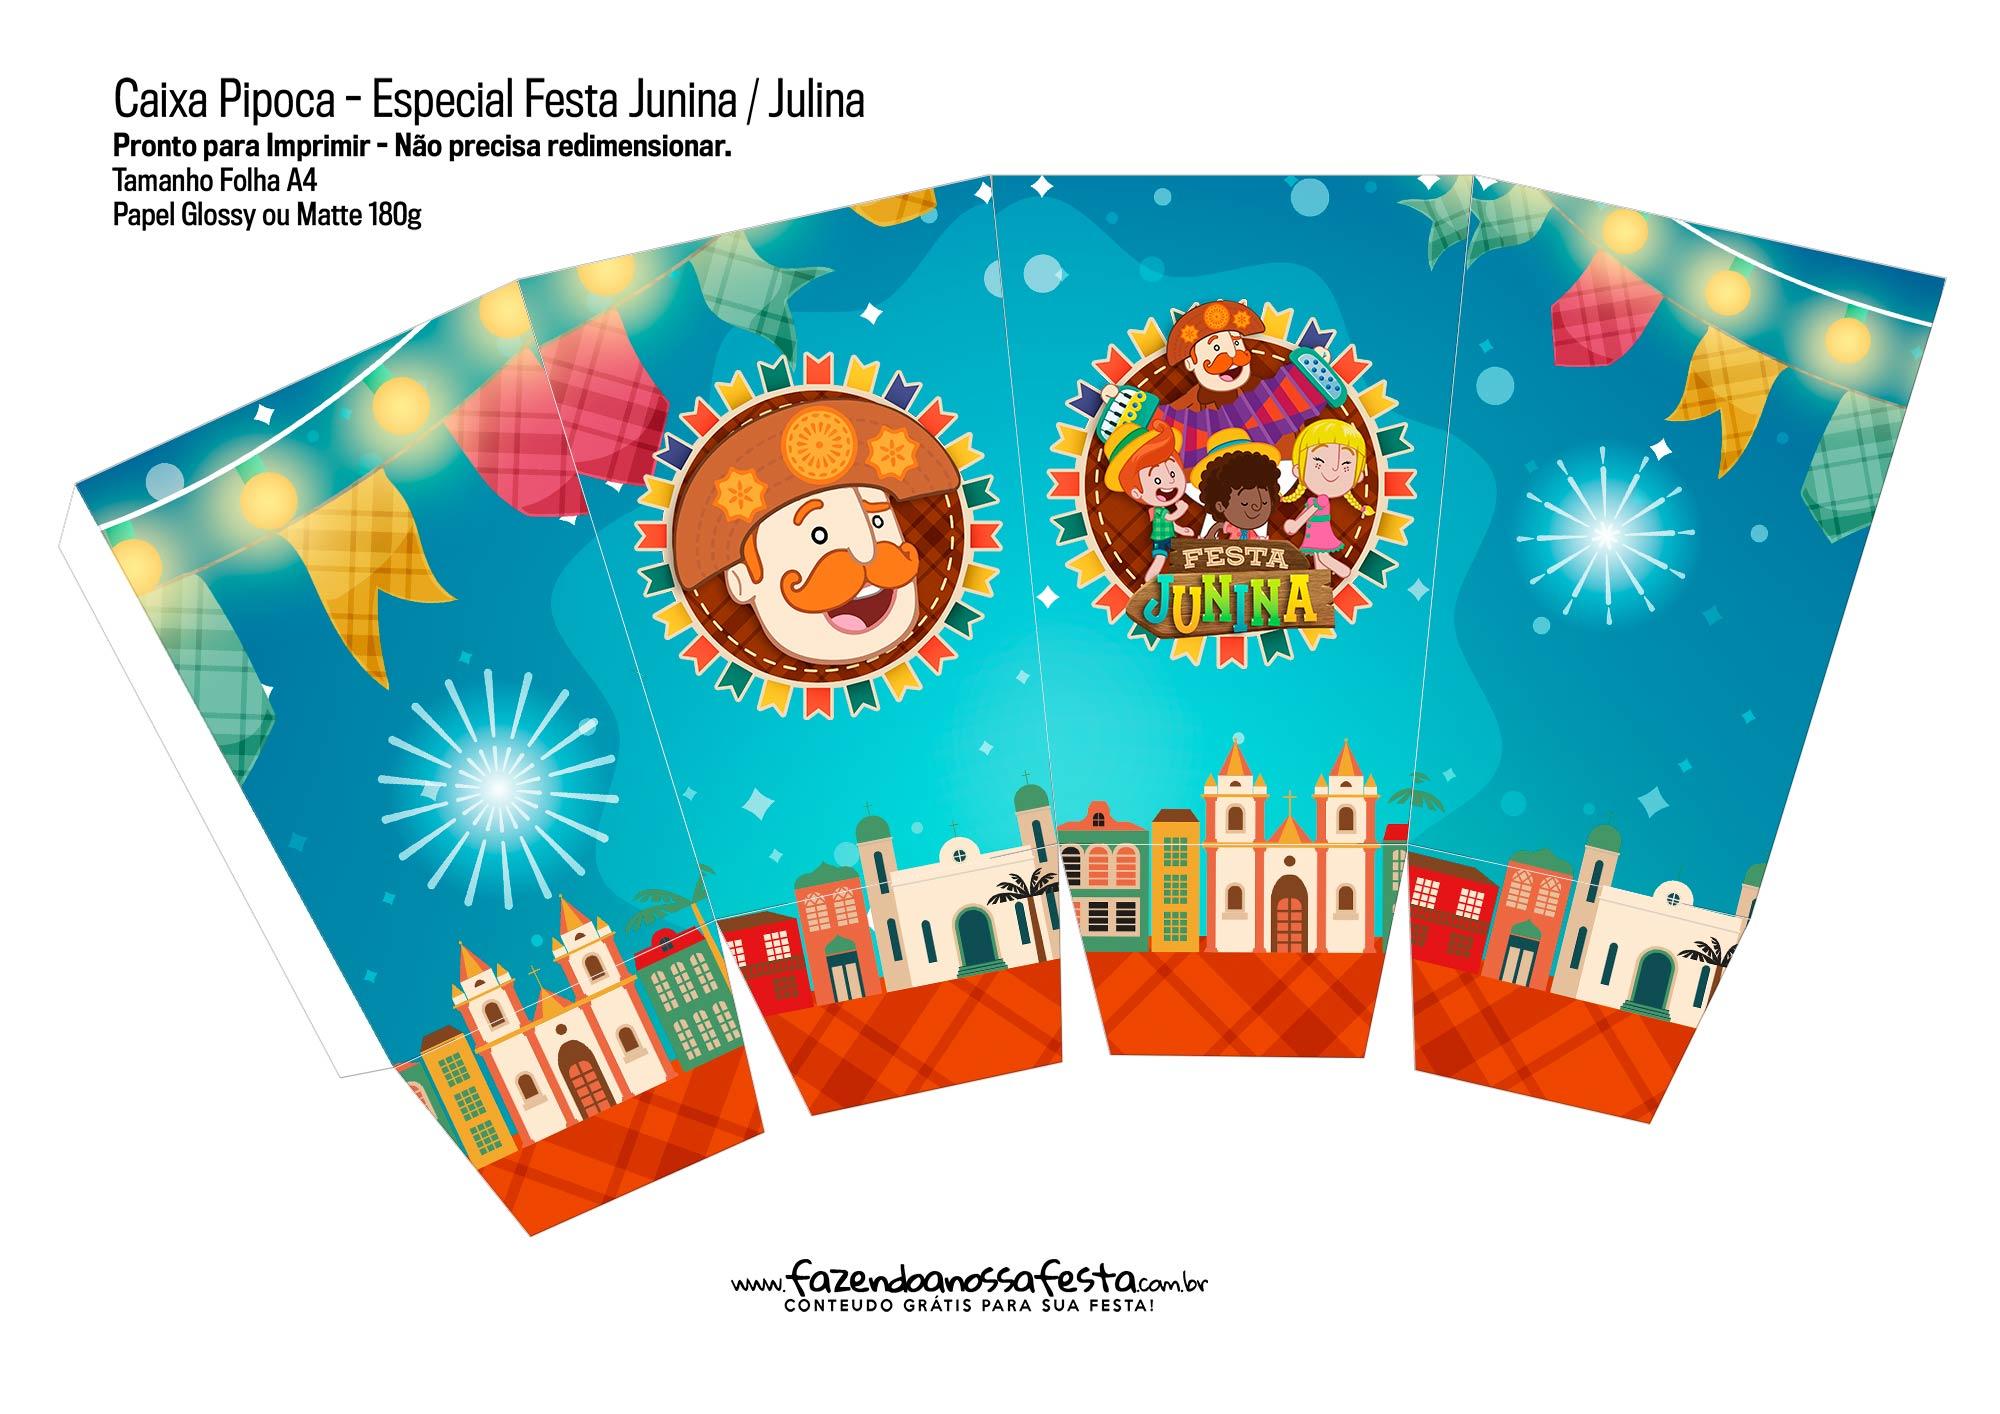 Caixa Pipoca Kit Festa Junina do Bita